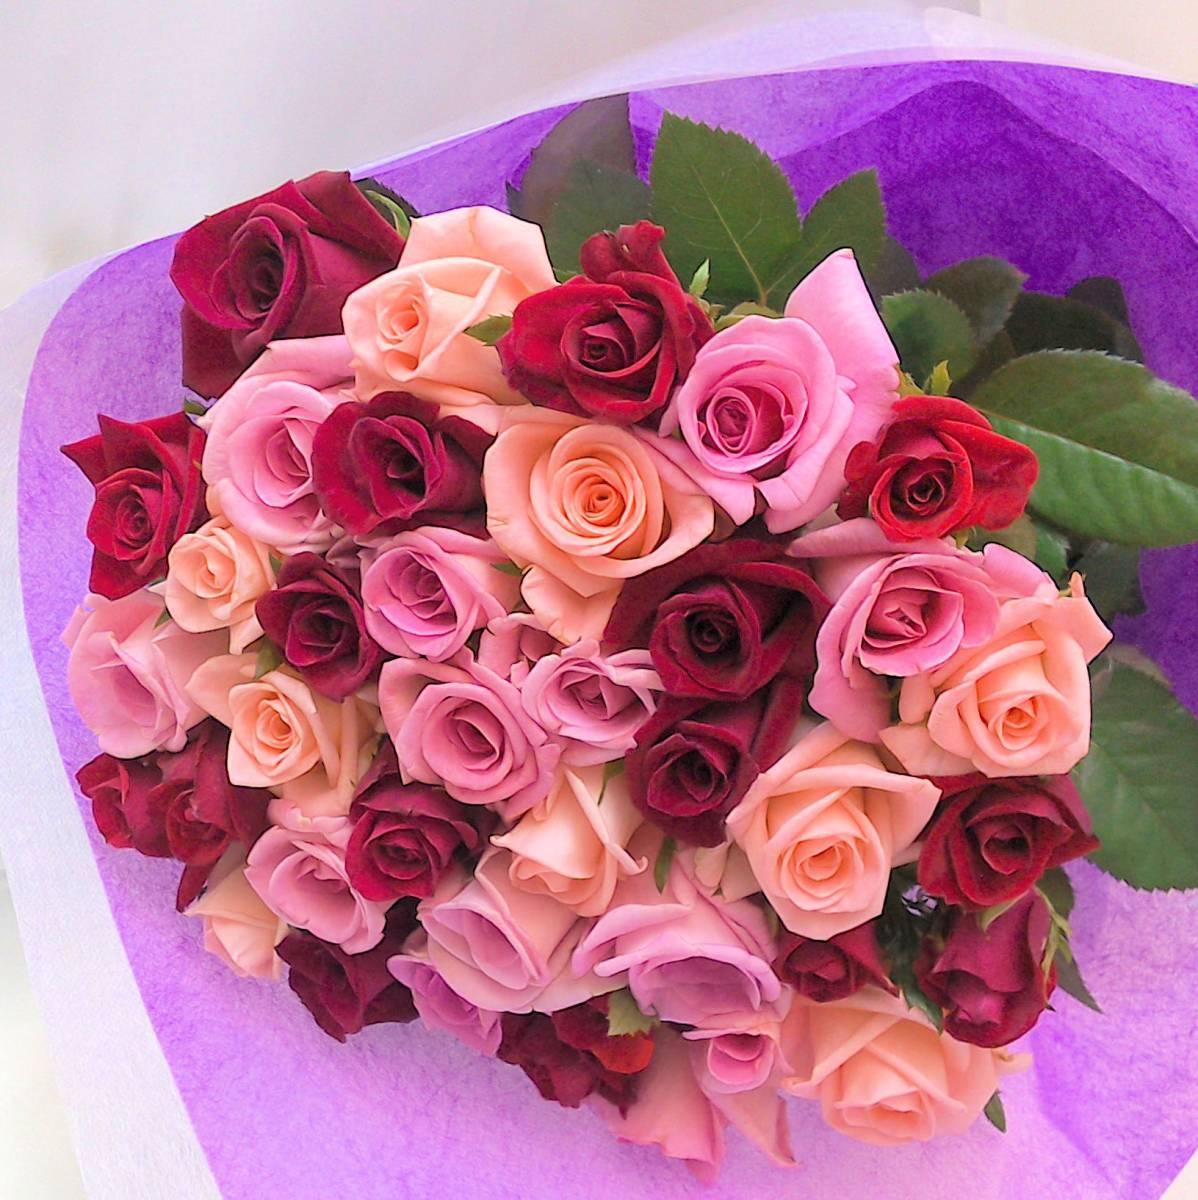 30本のバラ ラッピング付き 送料込み バラの季節到来大特価_画像4